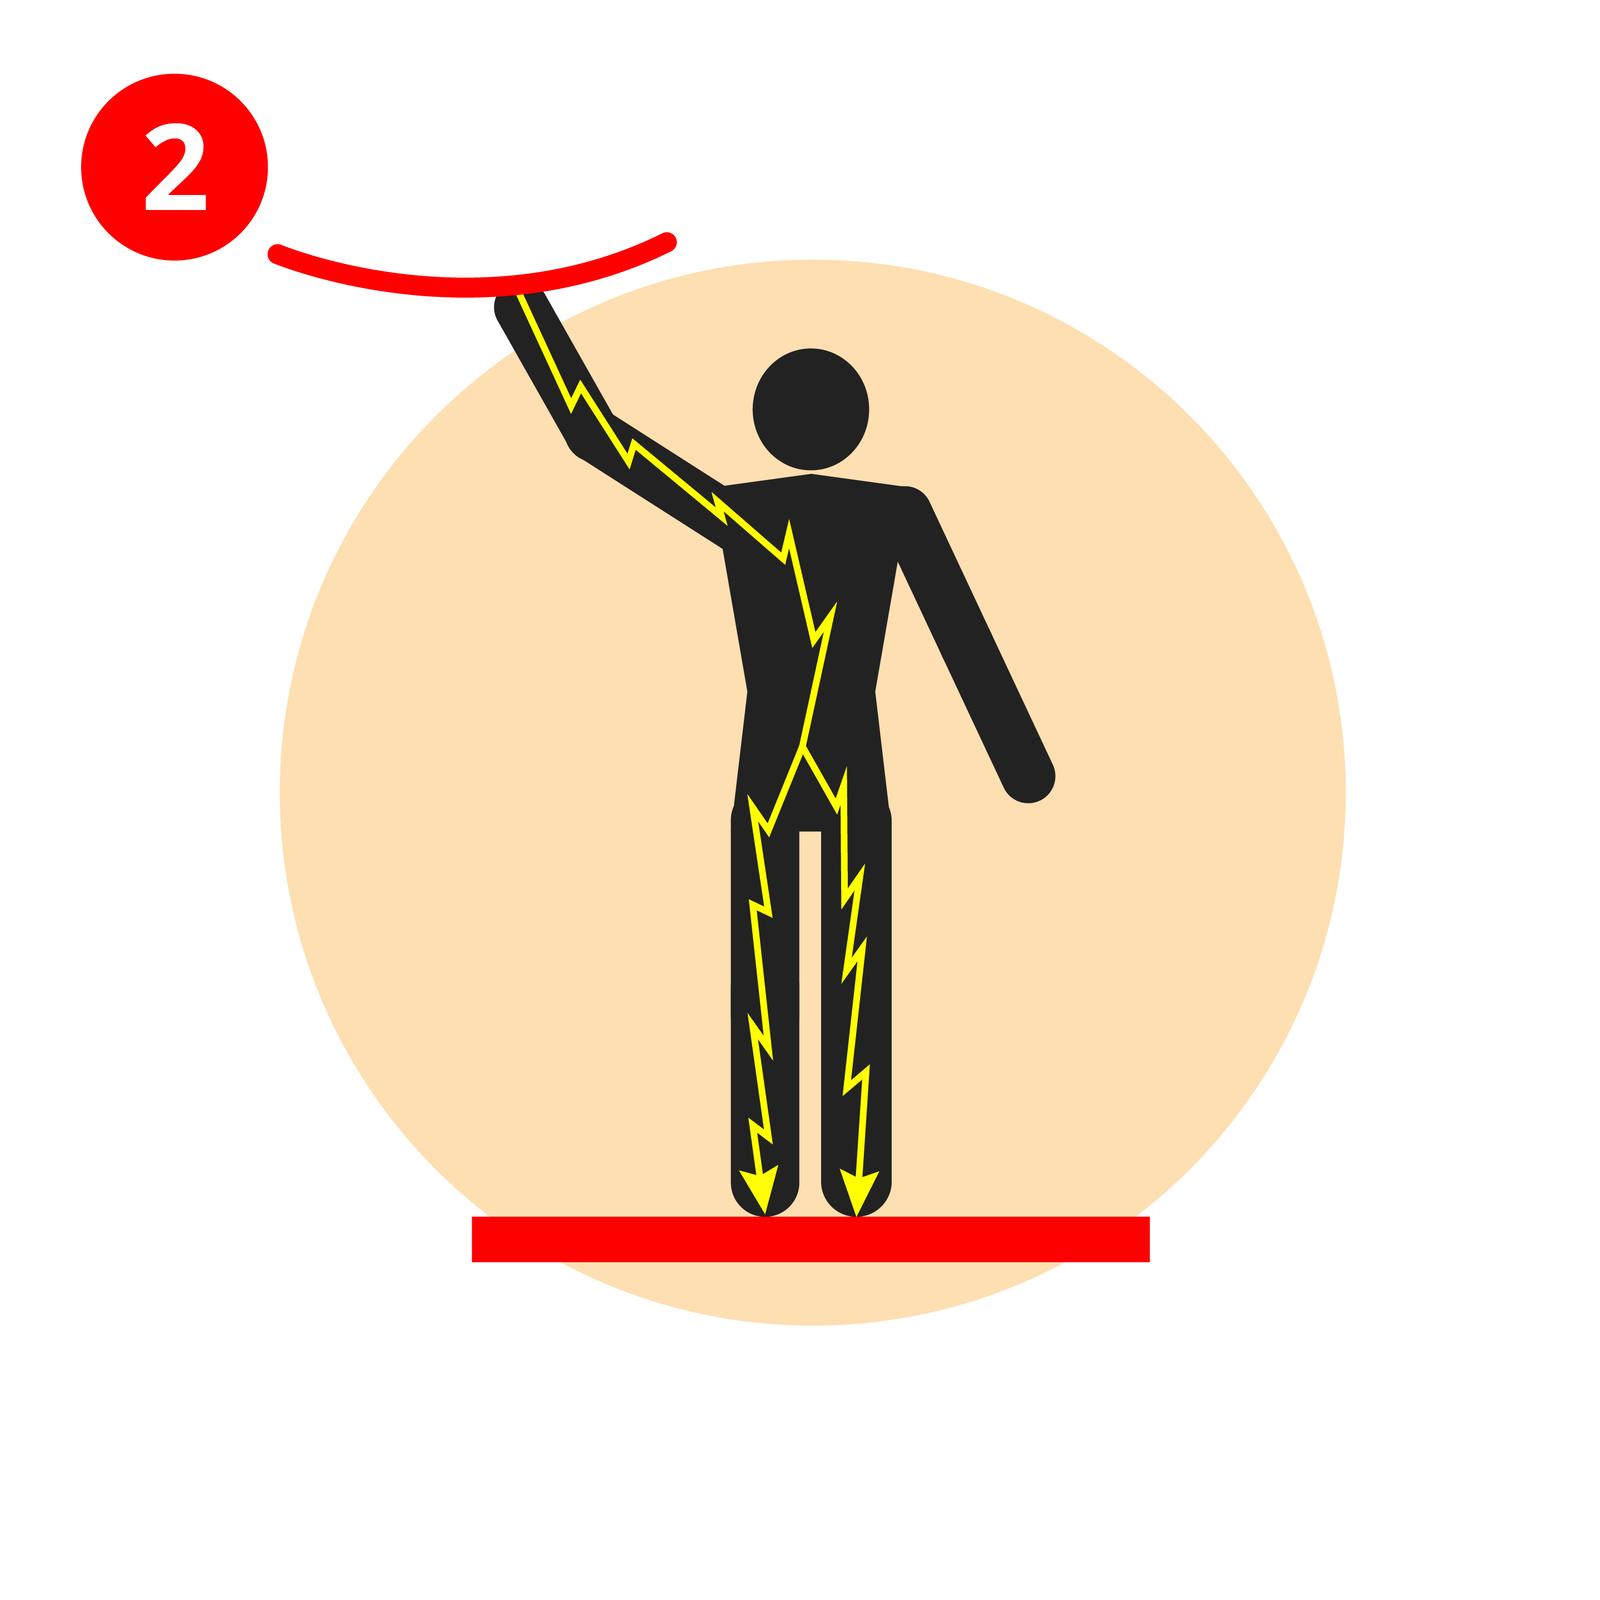 Ilustracja 2 przedstawia człowieka stojącego na czerwonym podłożu. Lewą ręką dosięga do przewodu elektrycznego powyżej. Prąd elektryczny przepływa przez jego ciało. Łuk elektryczny sięga od dłoni trzymającej przewód elektryczny wgórze, wdół – przez korpus, rozwidla się do obu nóg. Groty łuku znajdują się wstopach. Prawa ręka swobodnie skierowana wdół.